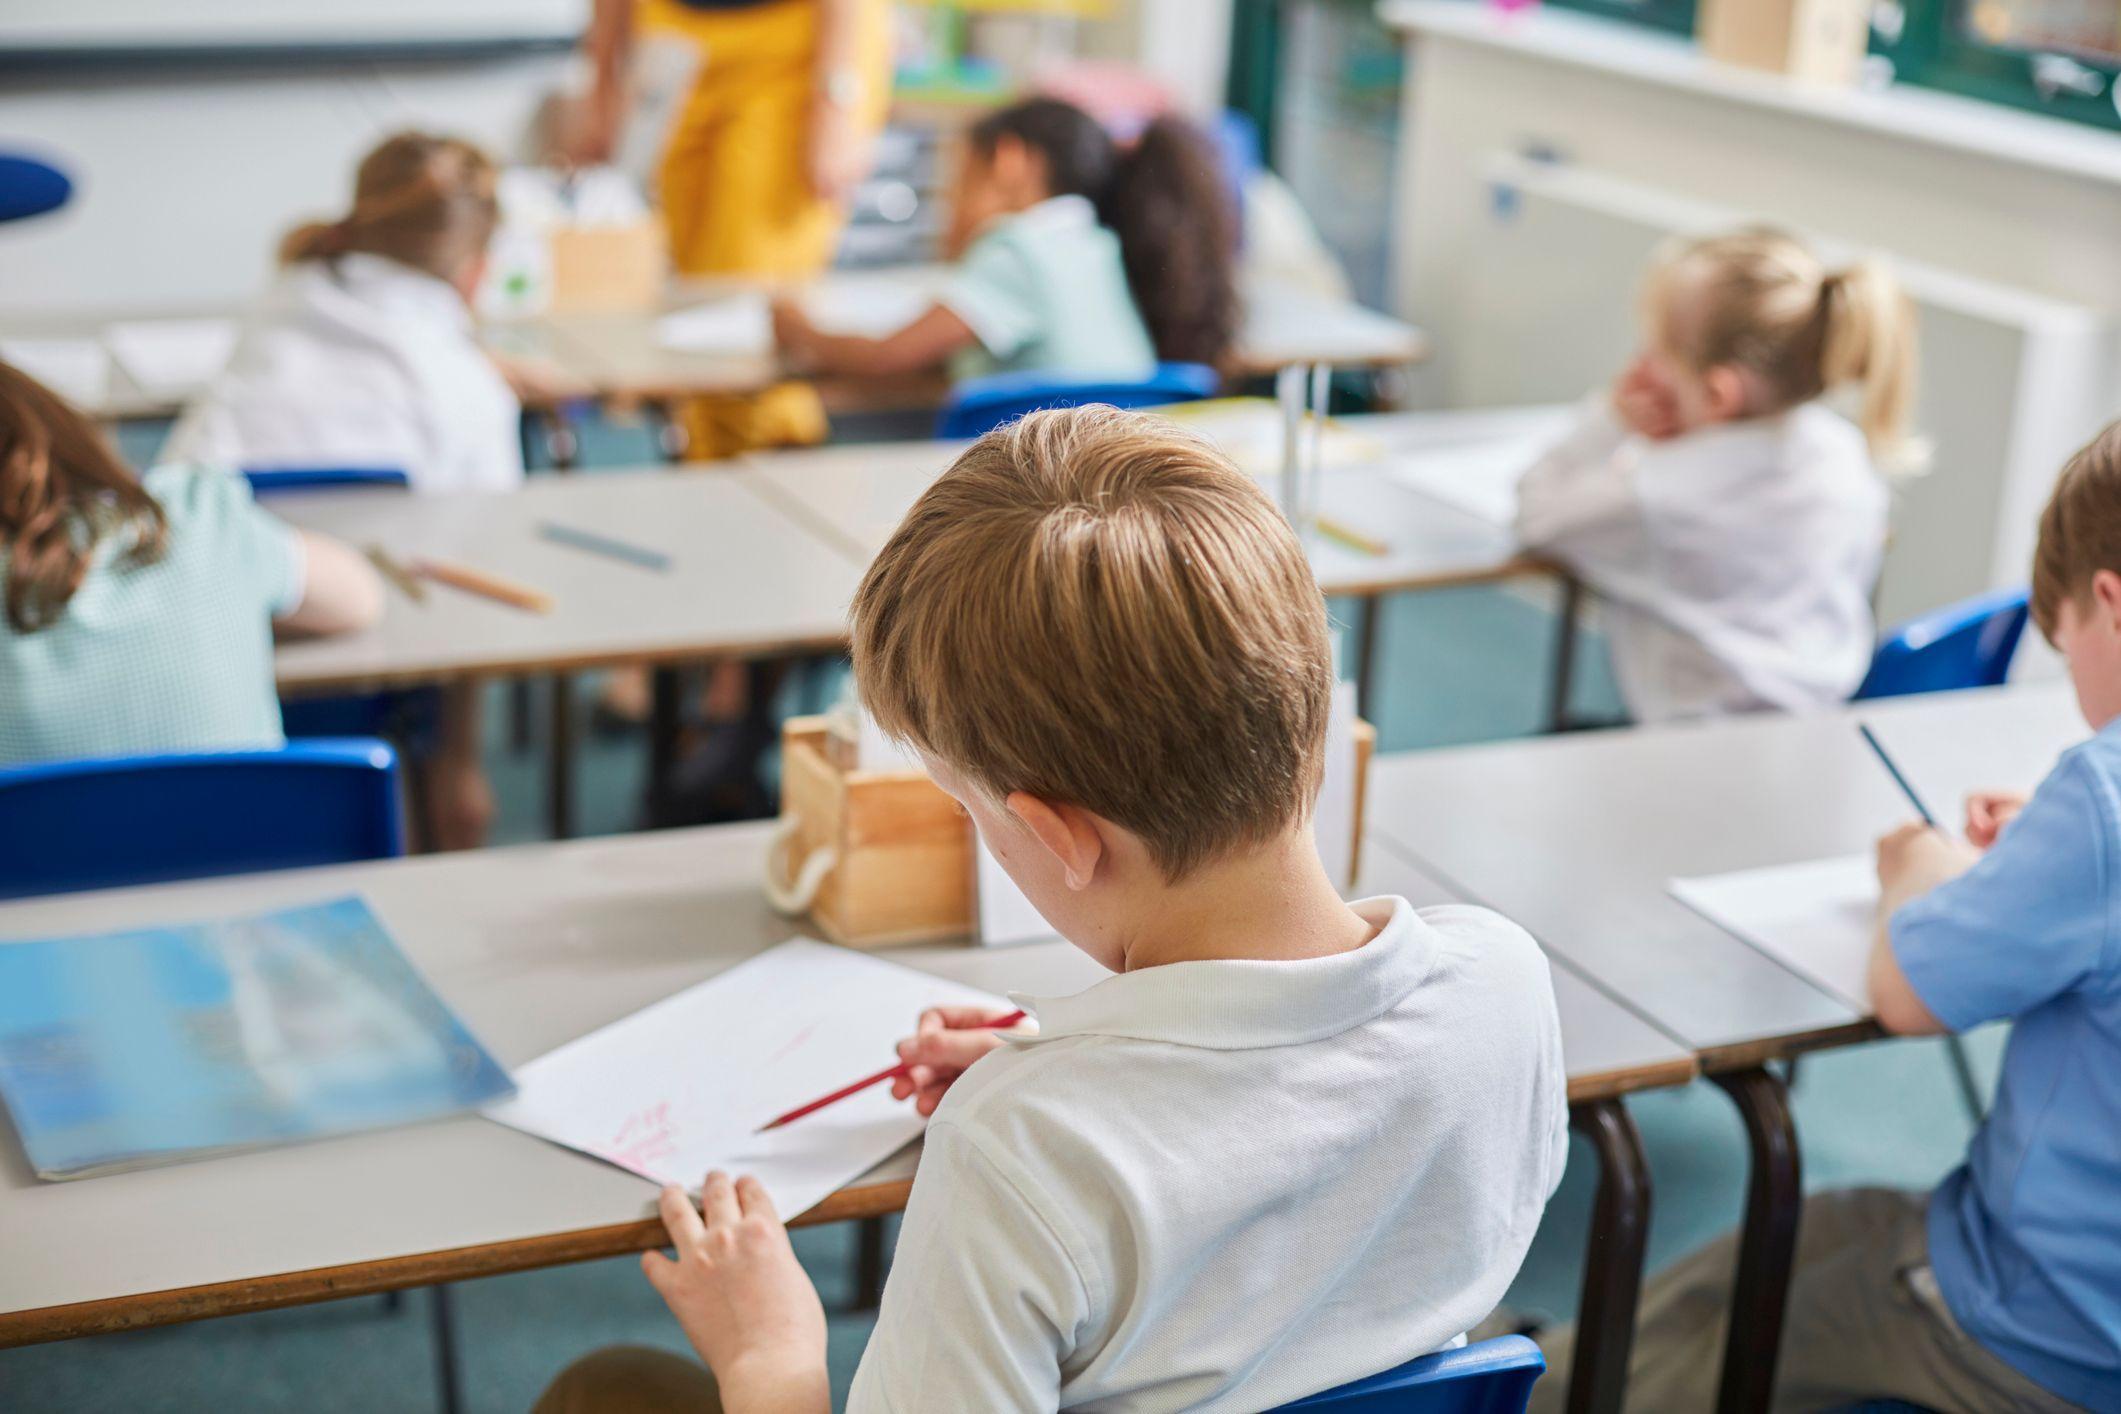 Année scolaire 2020-2021 : Modalités d'inscription pour les écoles communales